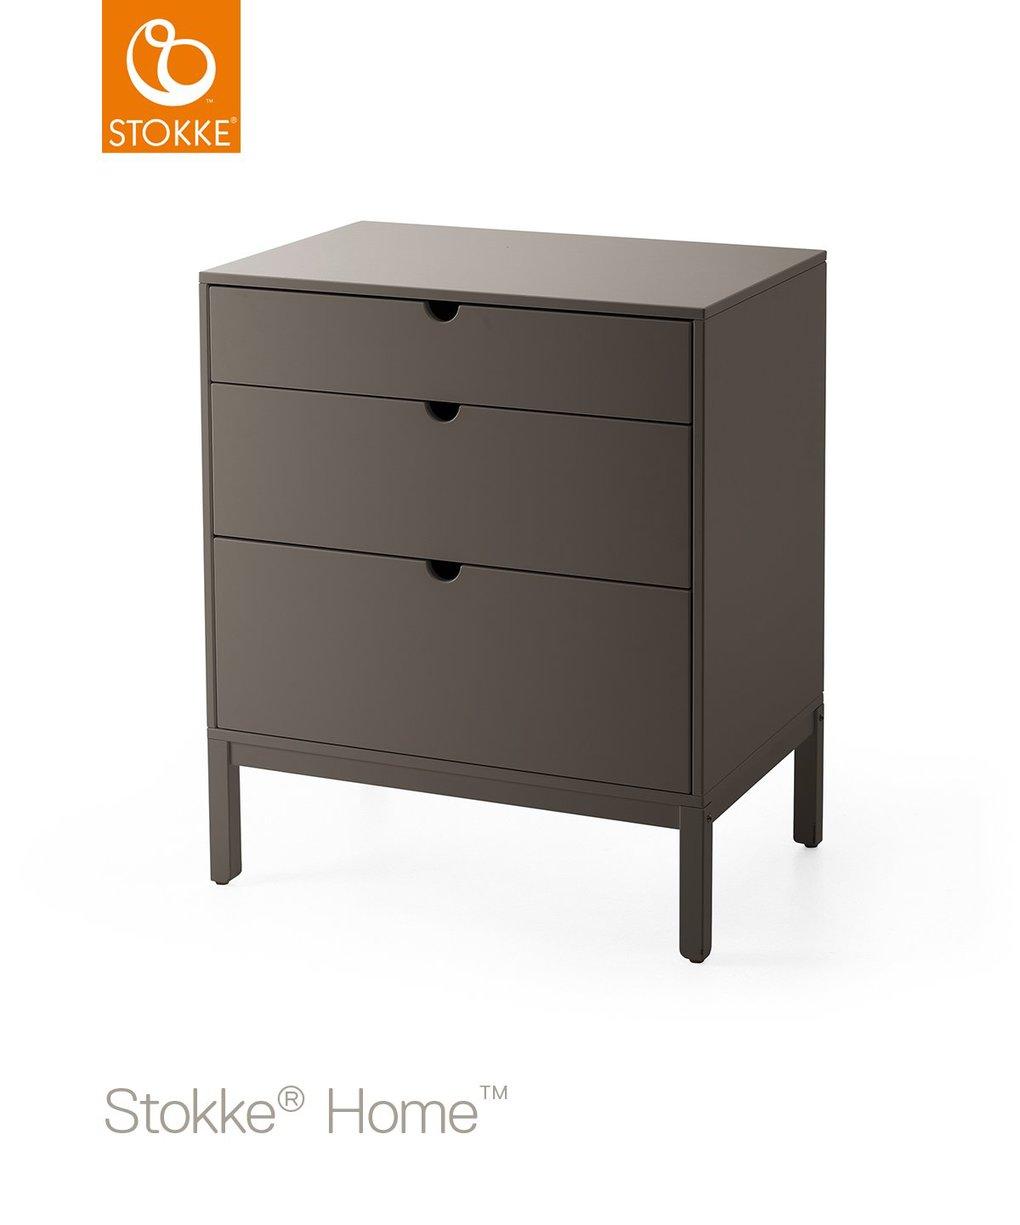 Struttura per cassettiera stokke® home™ - hazy grey - Stokke